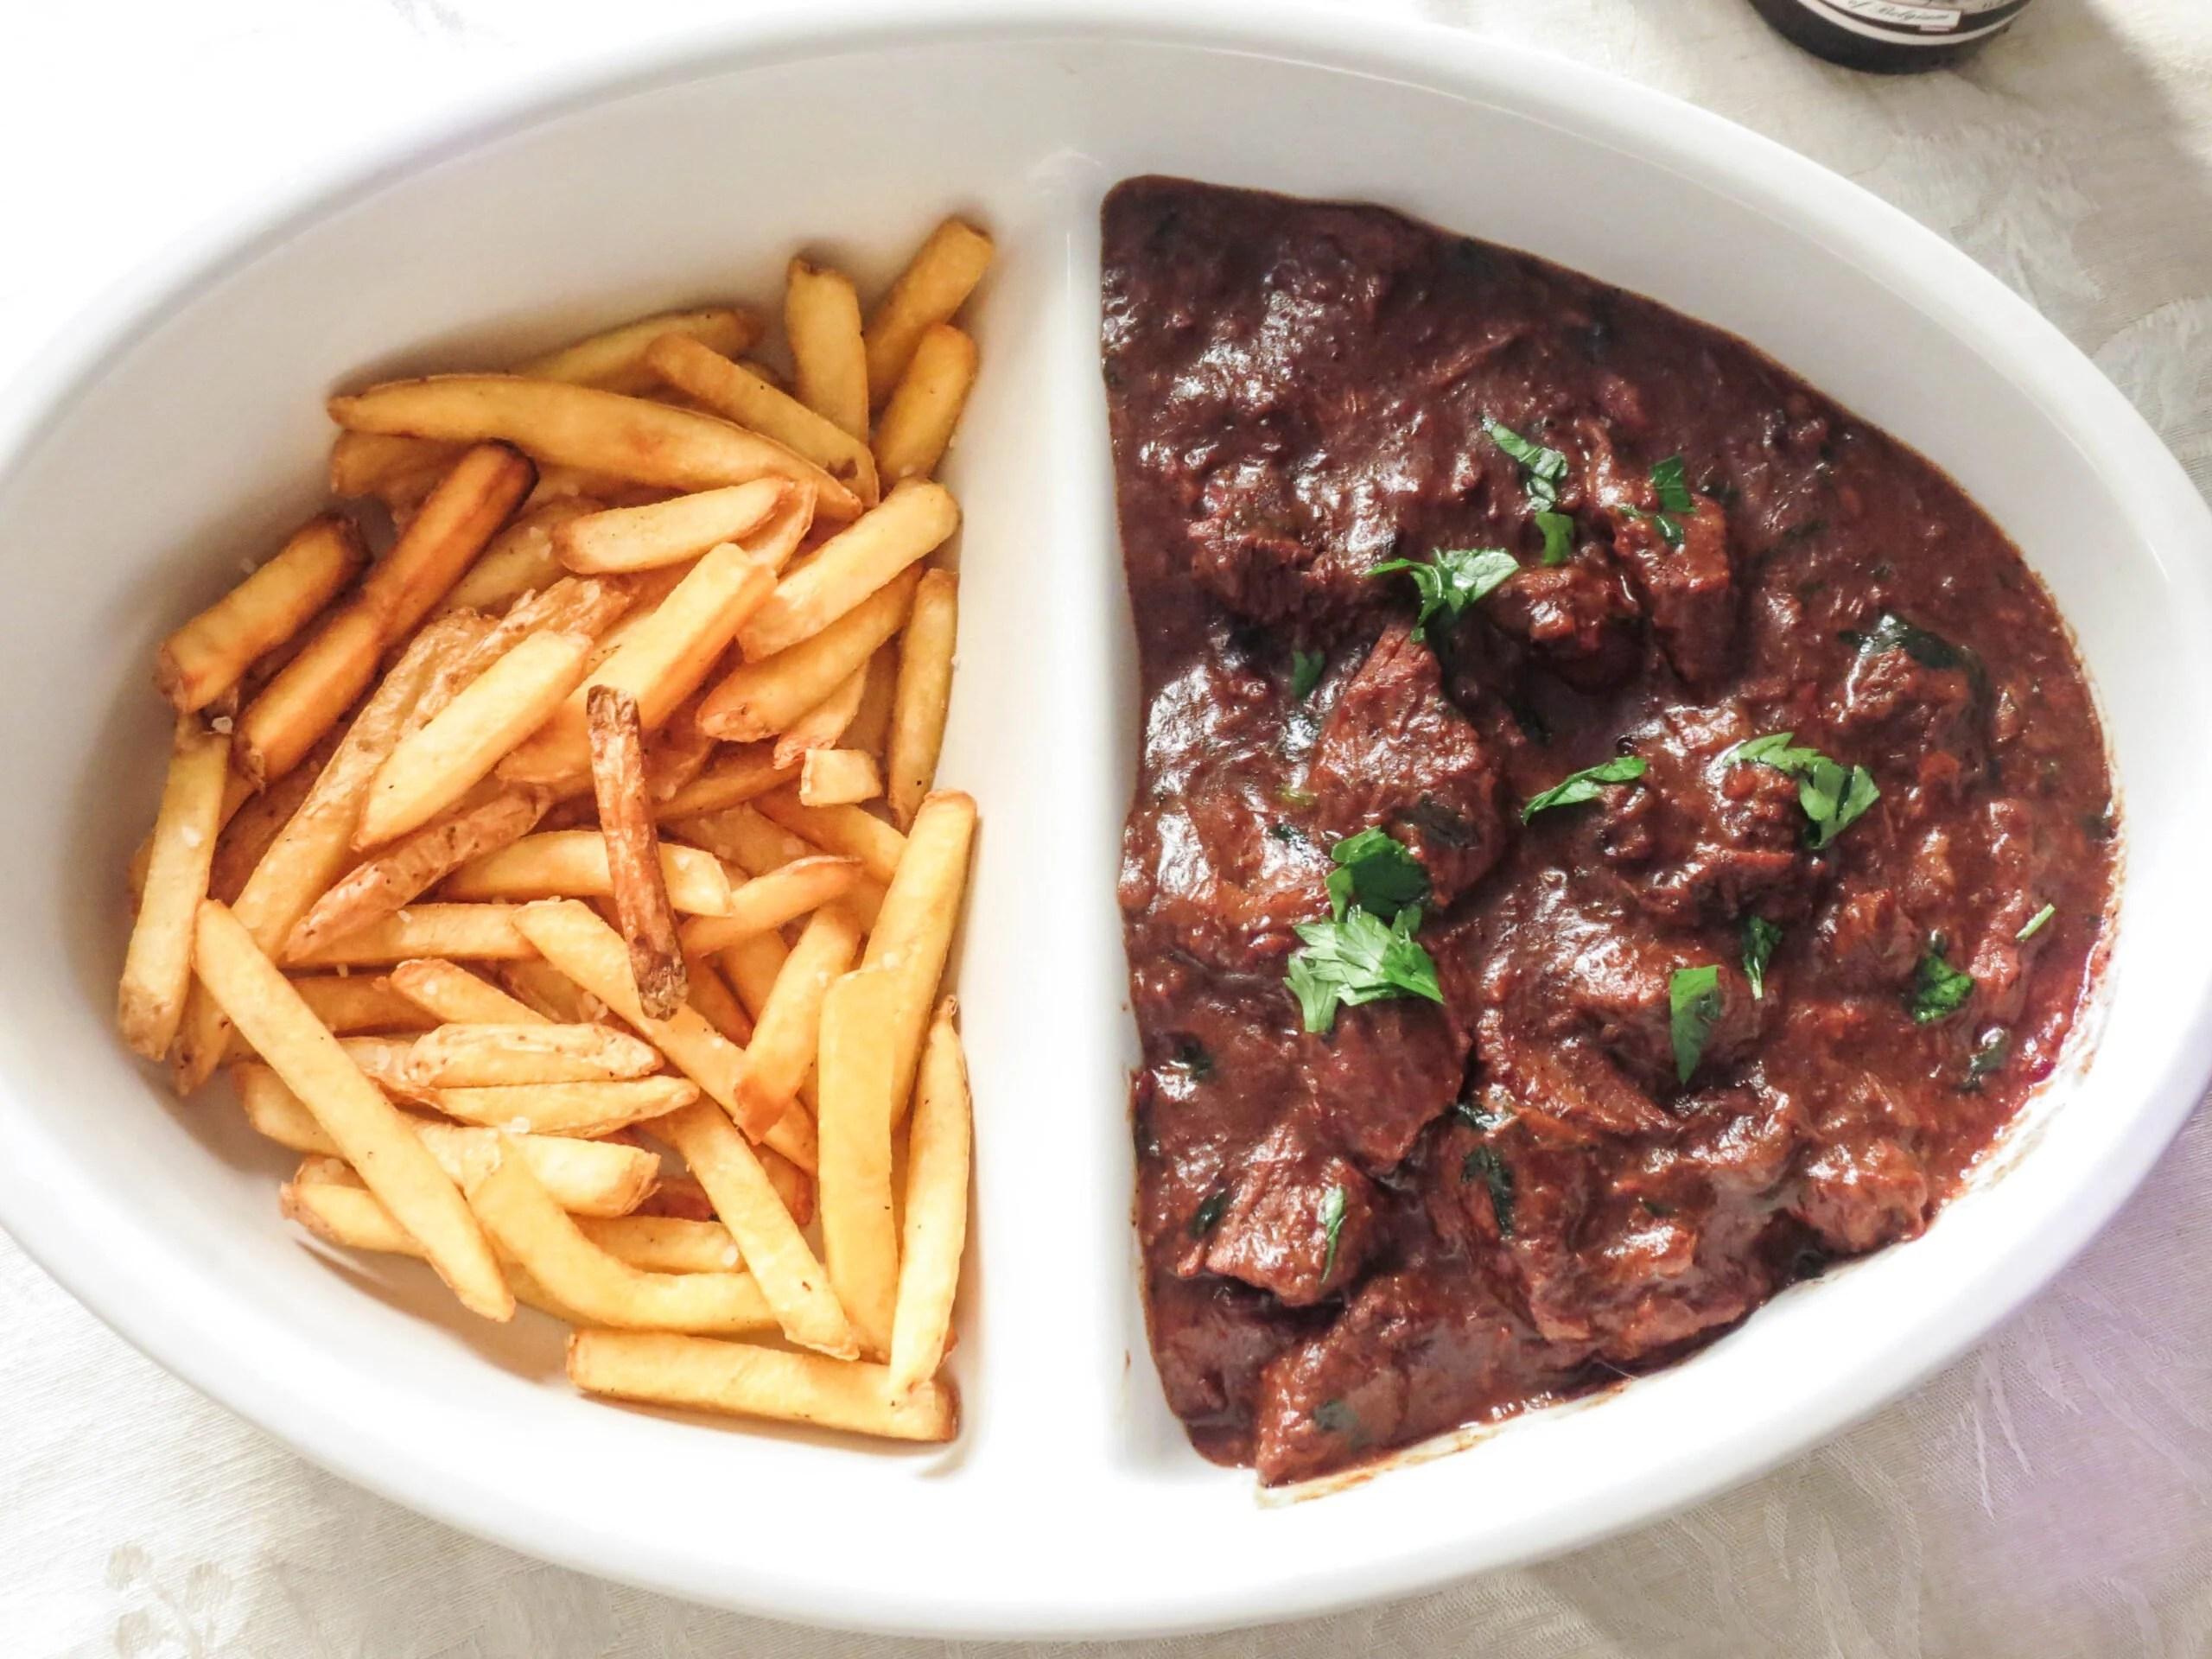 Carbonnade Flamande (Belgium Beef and Beer Stew) - Olivia